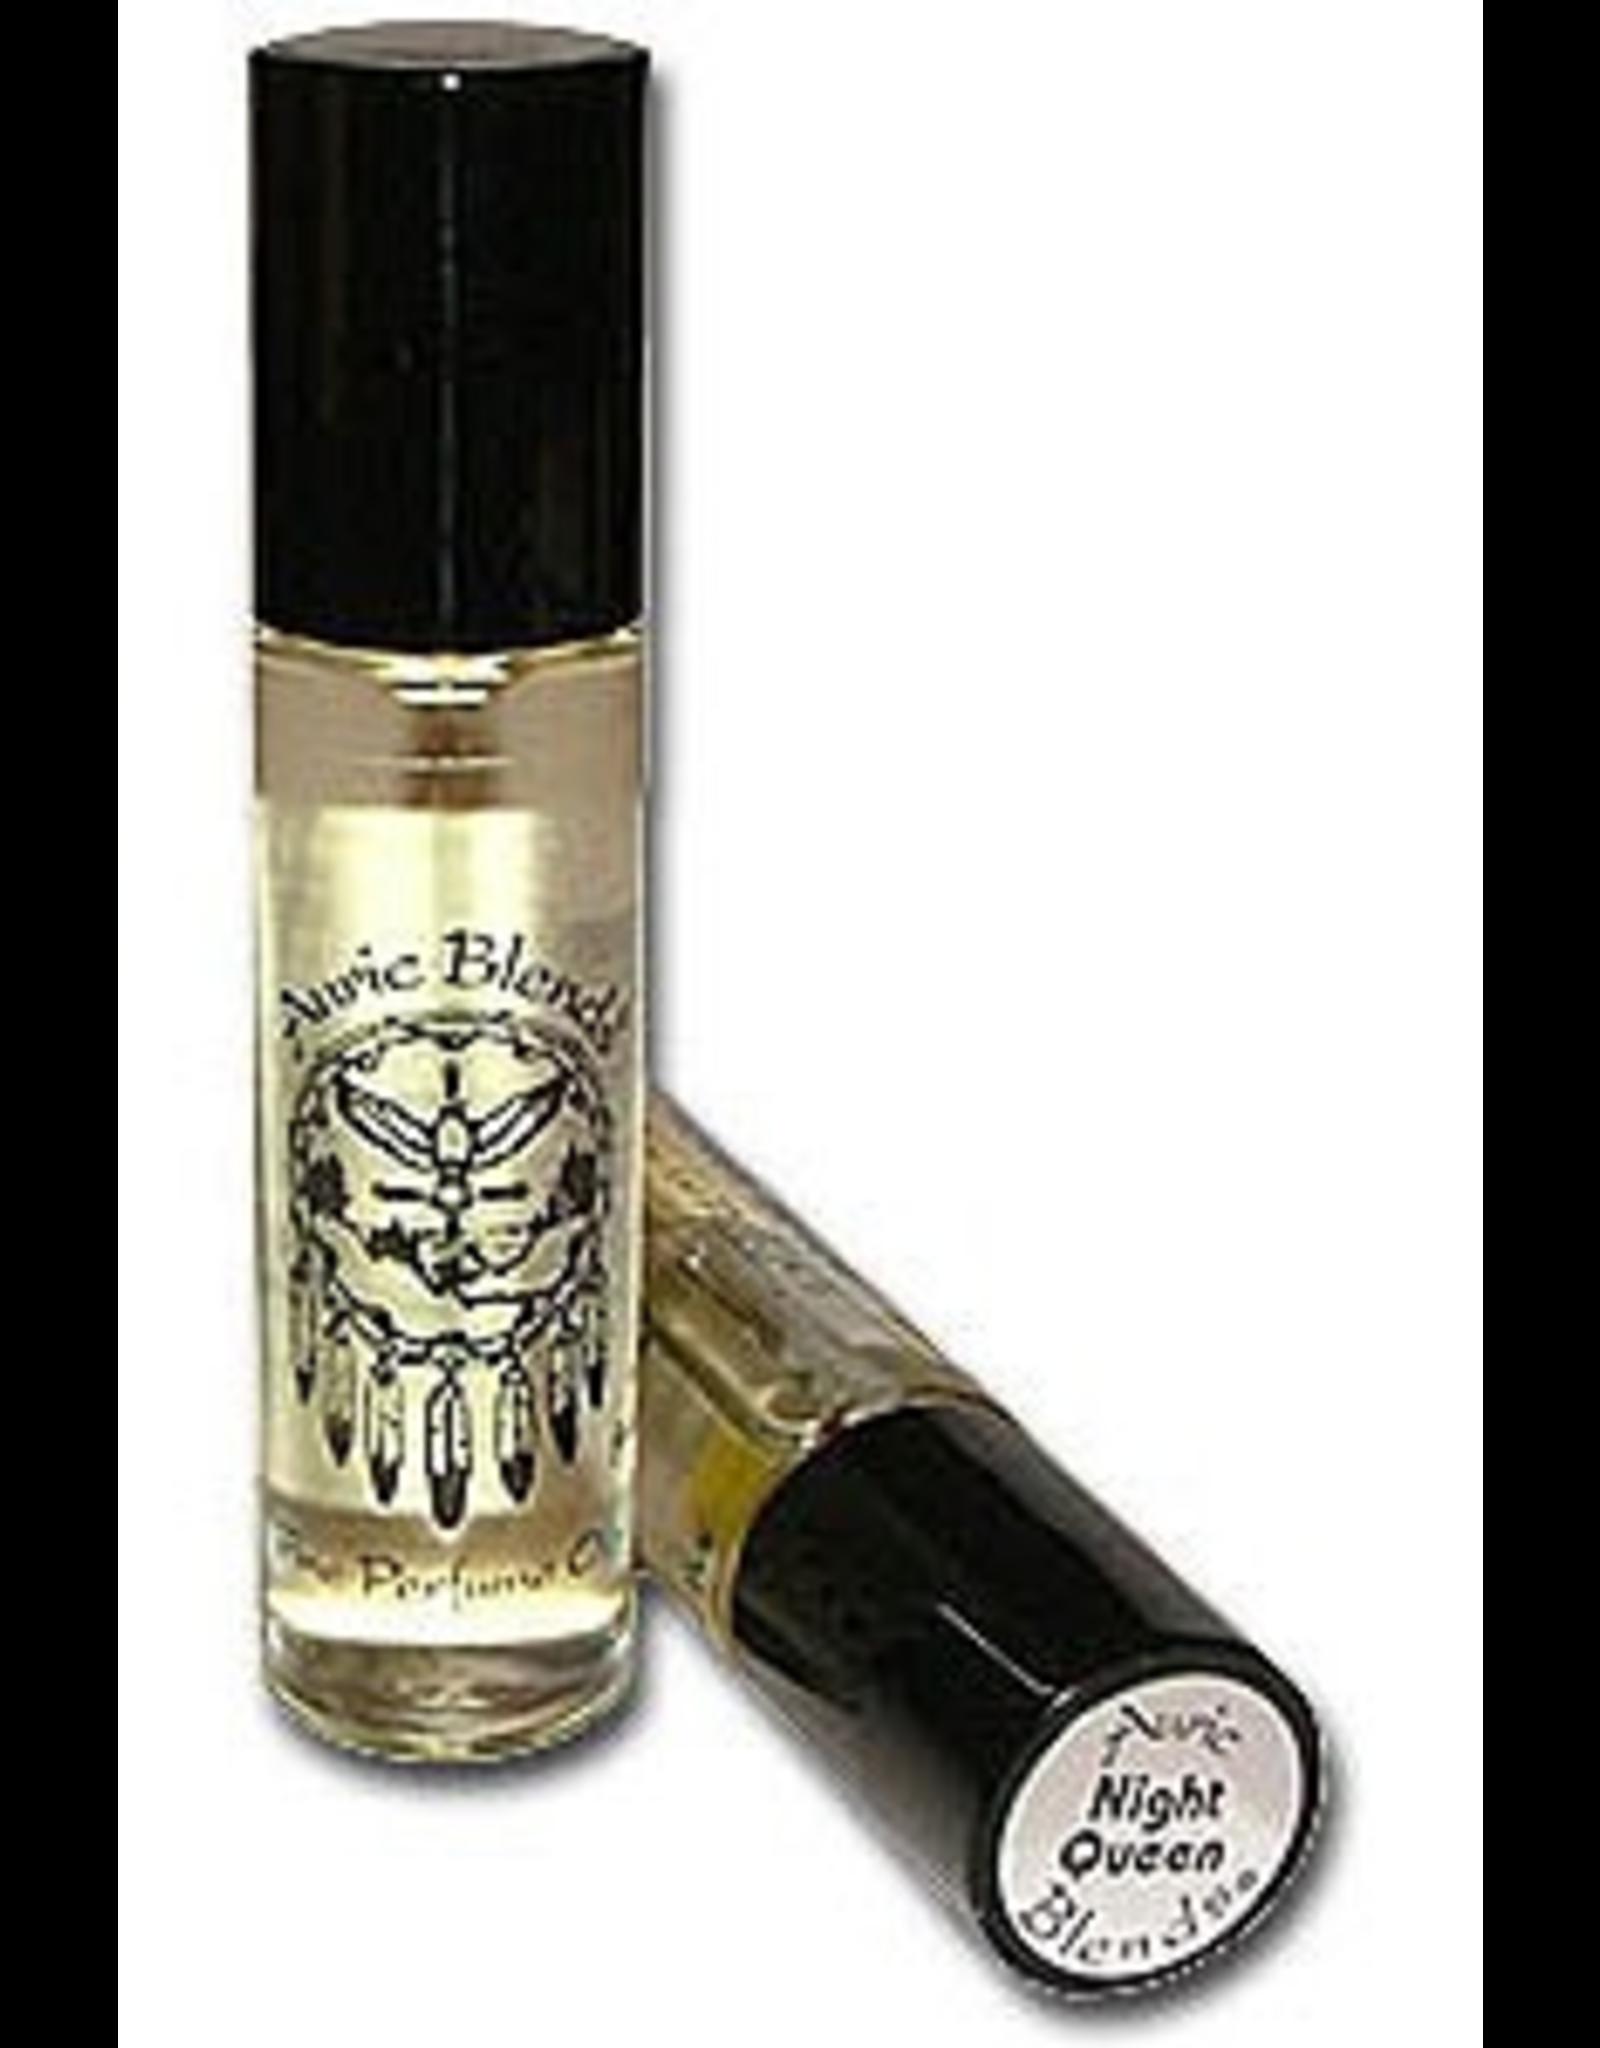 Auric Blends Night Queen Auric Blends Roll-on Oil